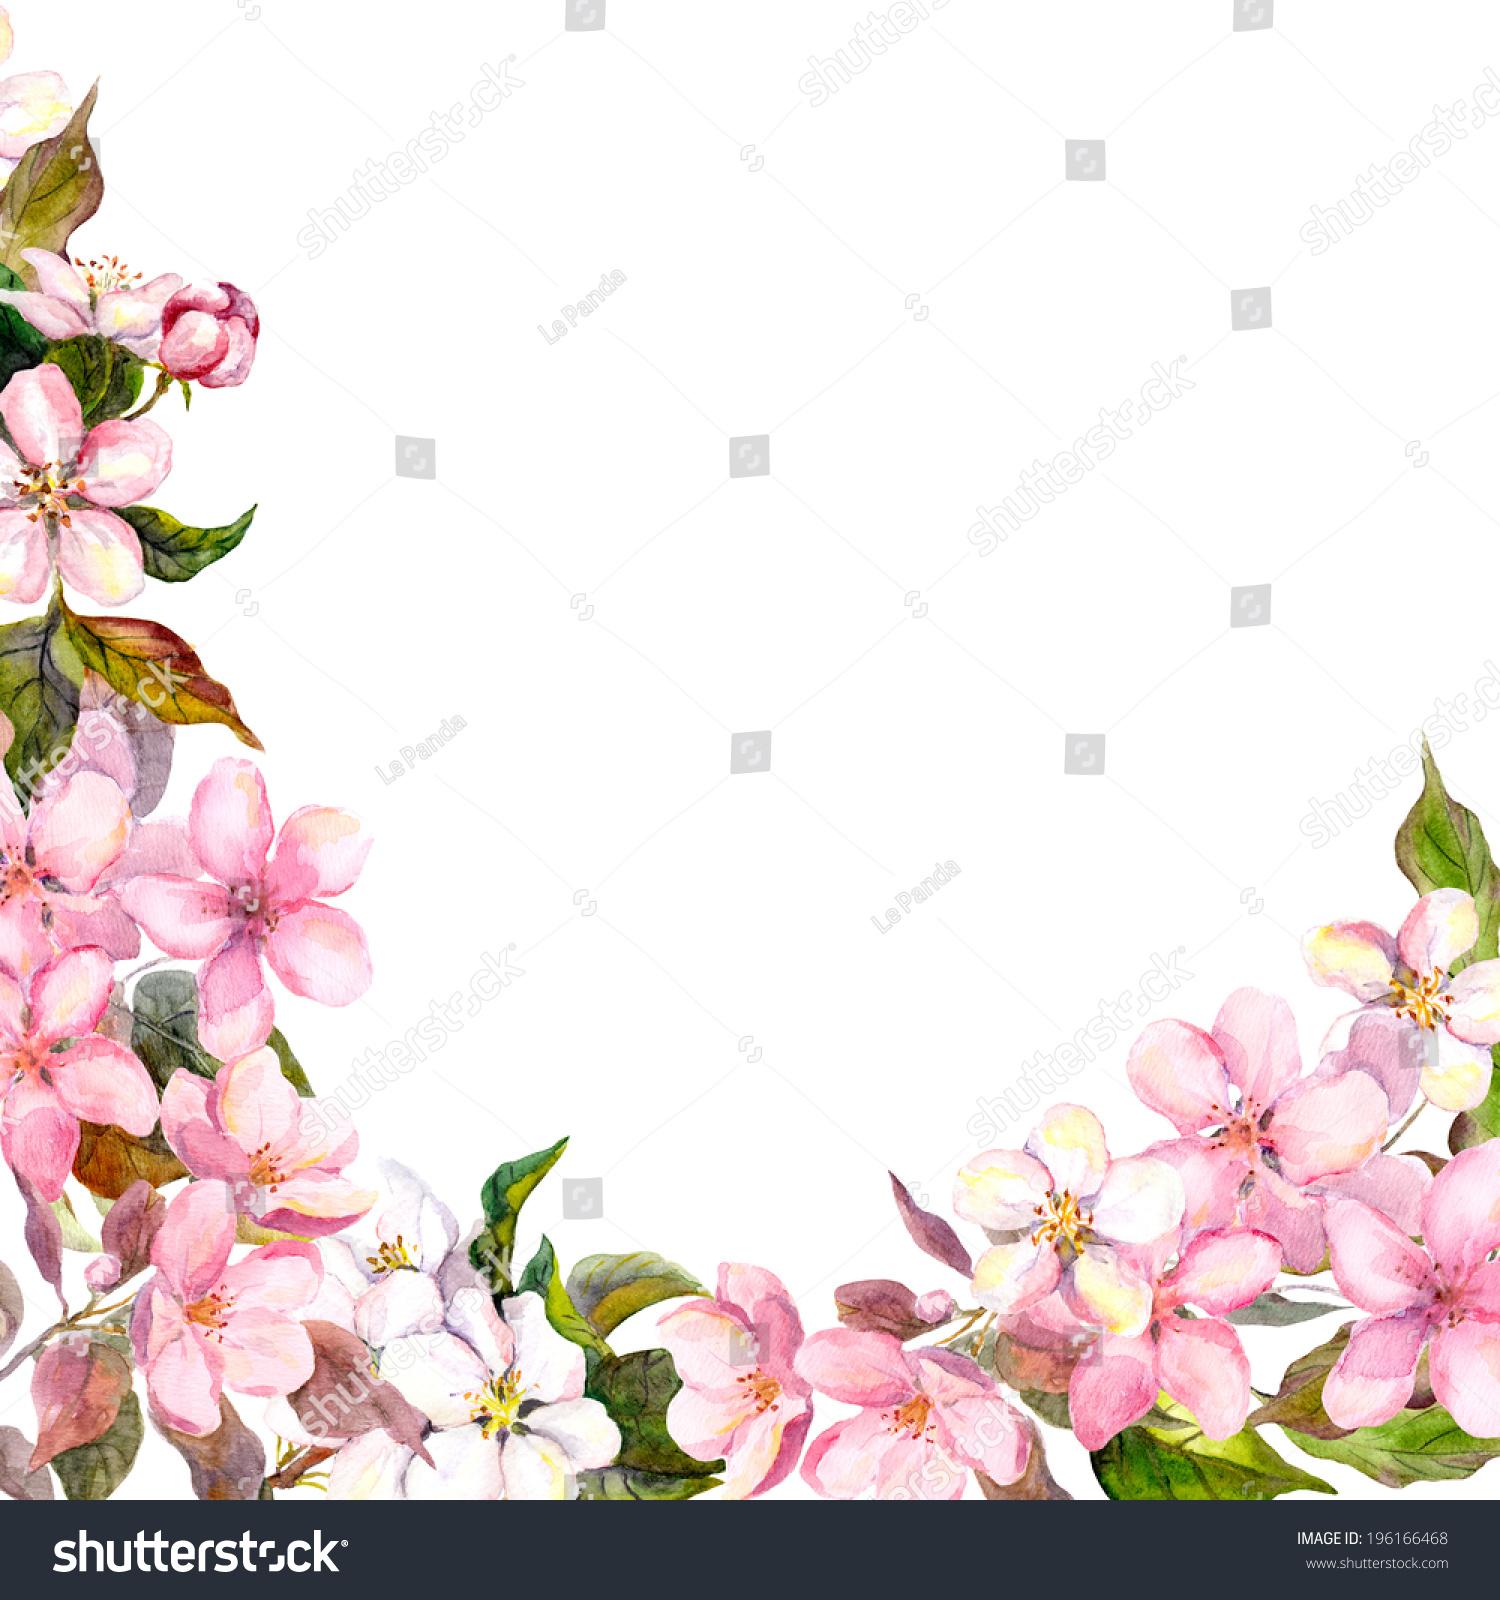 漂亮的花朵盛开的苹果.水彩画-背景/素材